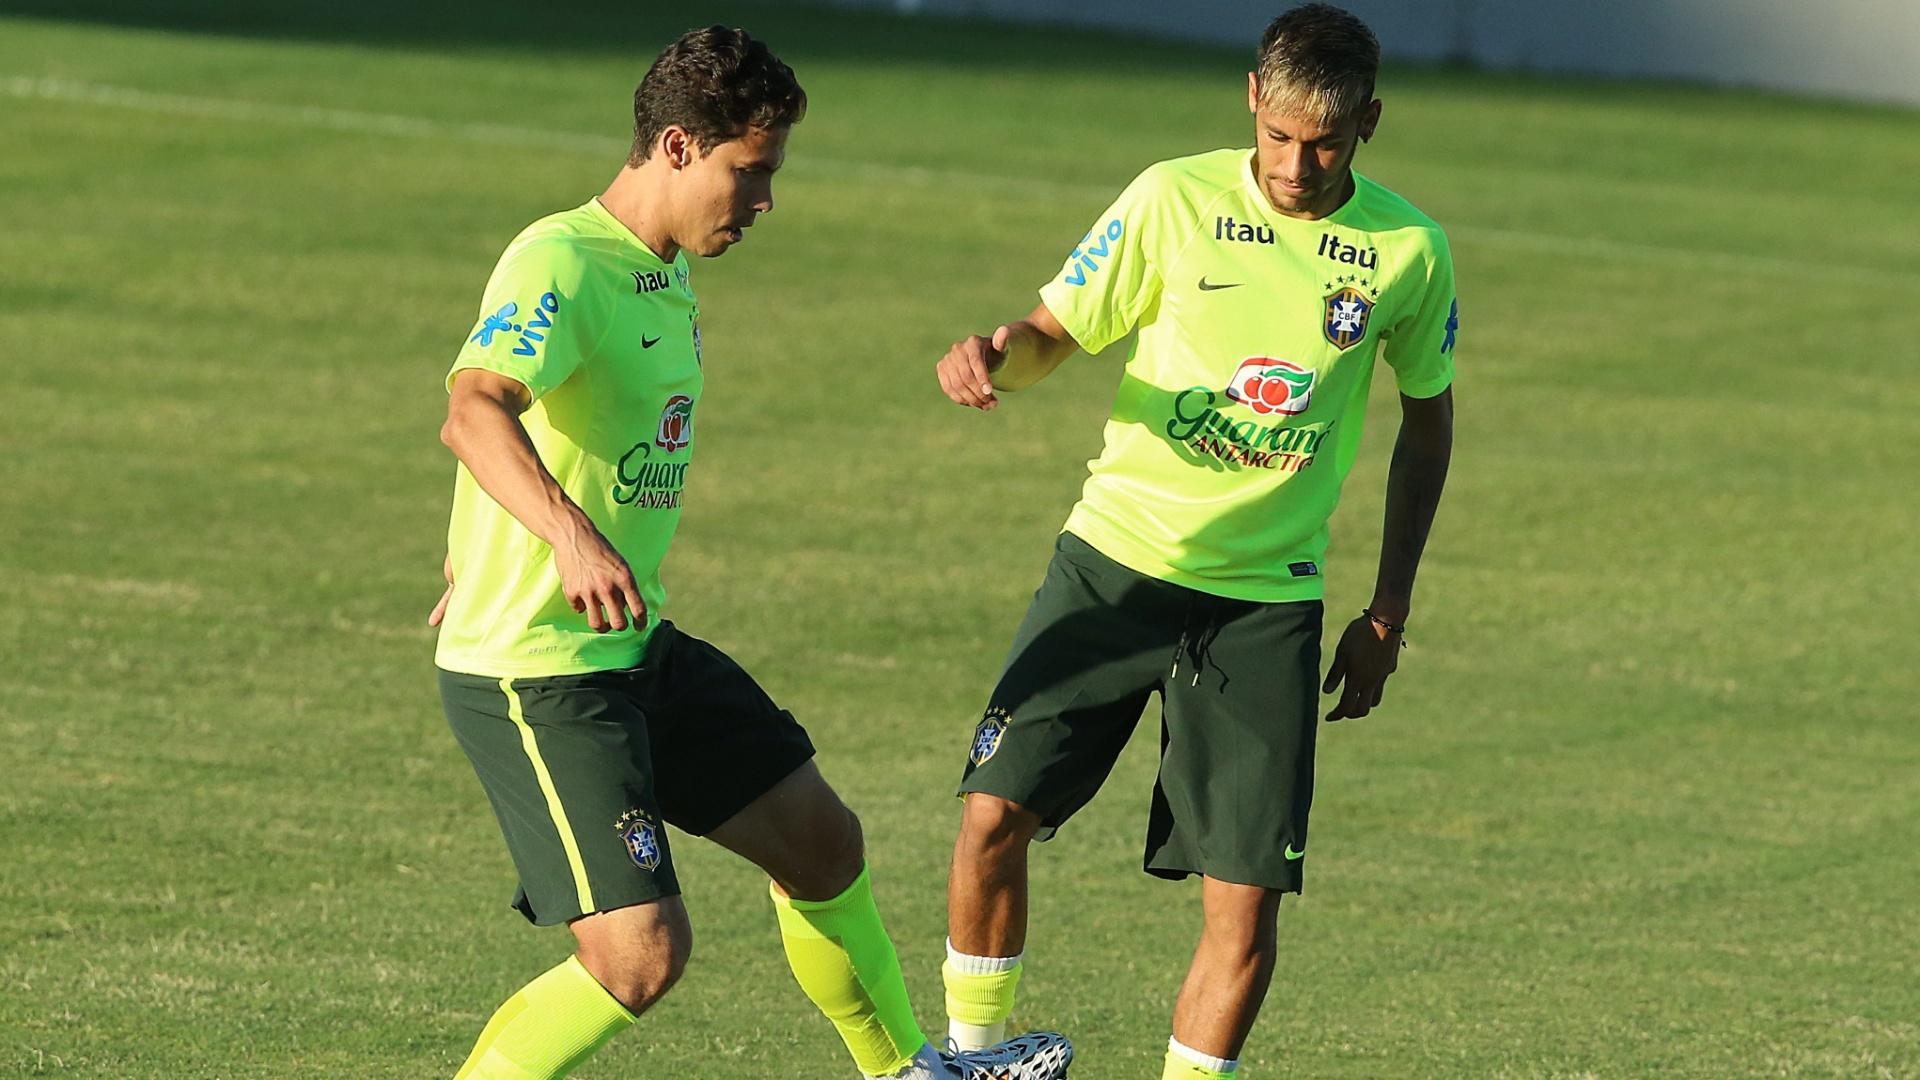 03.jul.2014 - Neymar divide a bola com Hernanes no estádio Presidente Vargas. O Brasil se prepara para o jogo contra a Colômbia, nesta sexta-feira, em Fortaleza